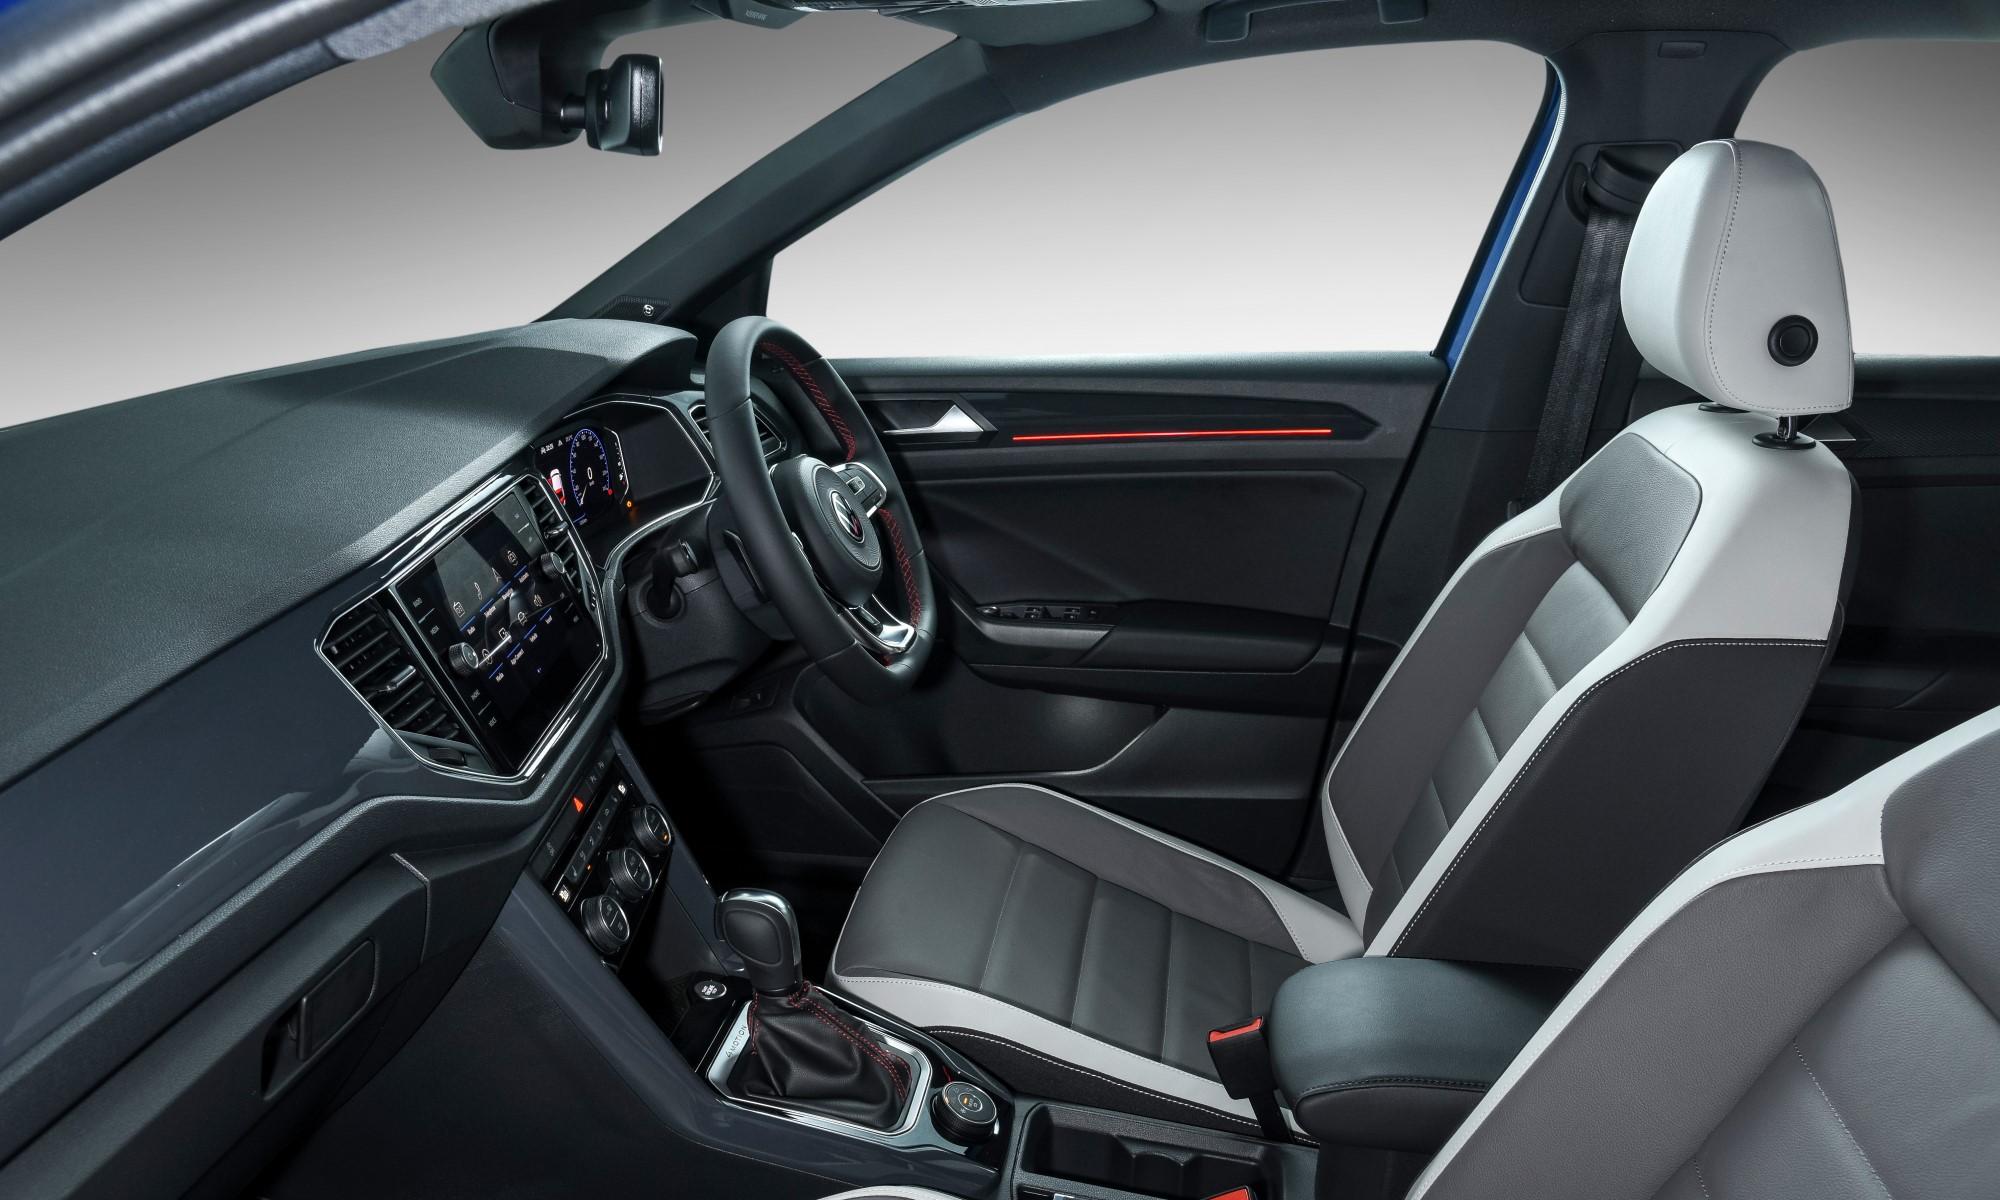 Volkswagen T-Roc 2,0 4Motion R-Line cabin